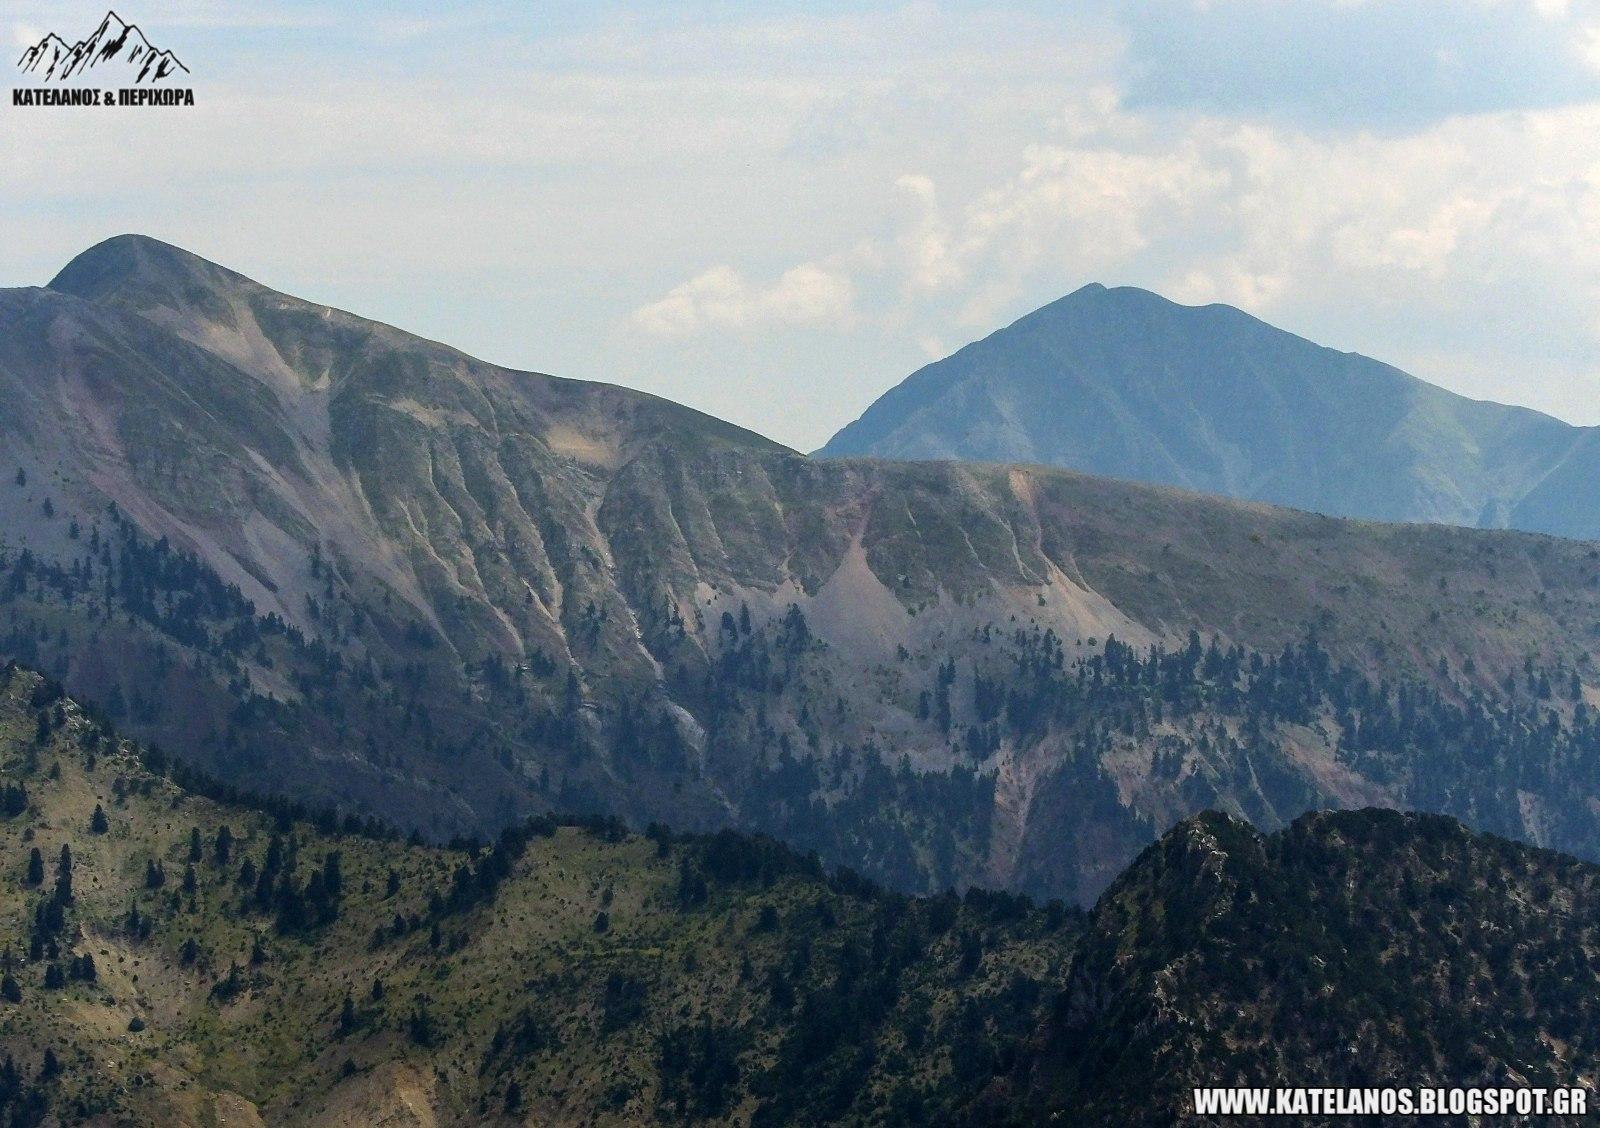 βουνοκορφες χελιδονα και καλιακουδα βουνα ευρυτανιας